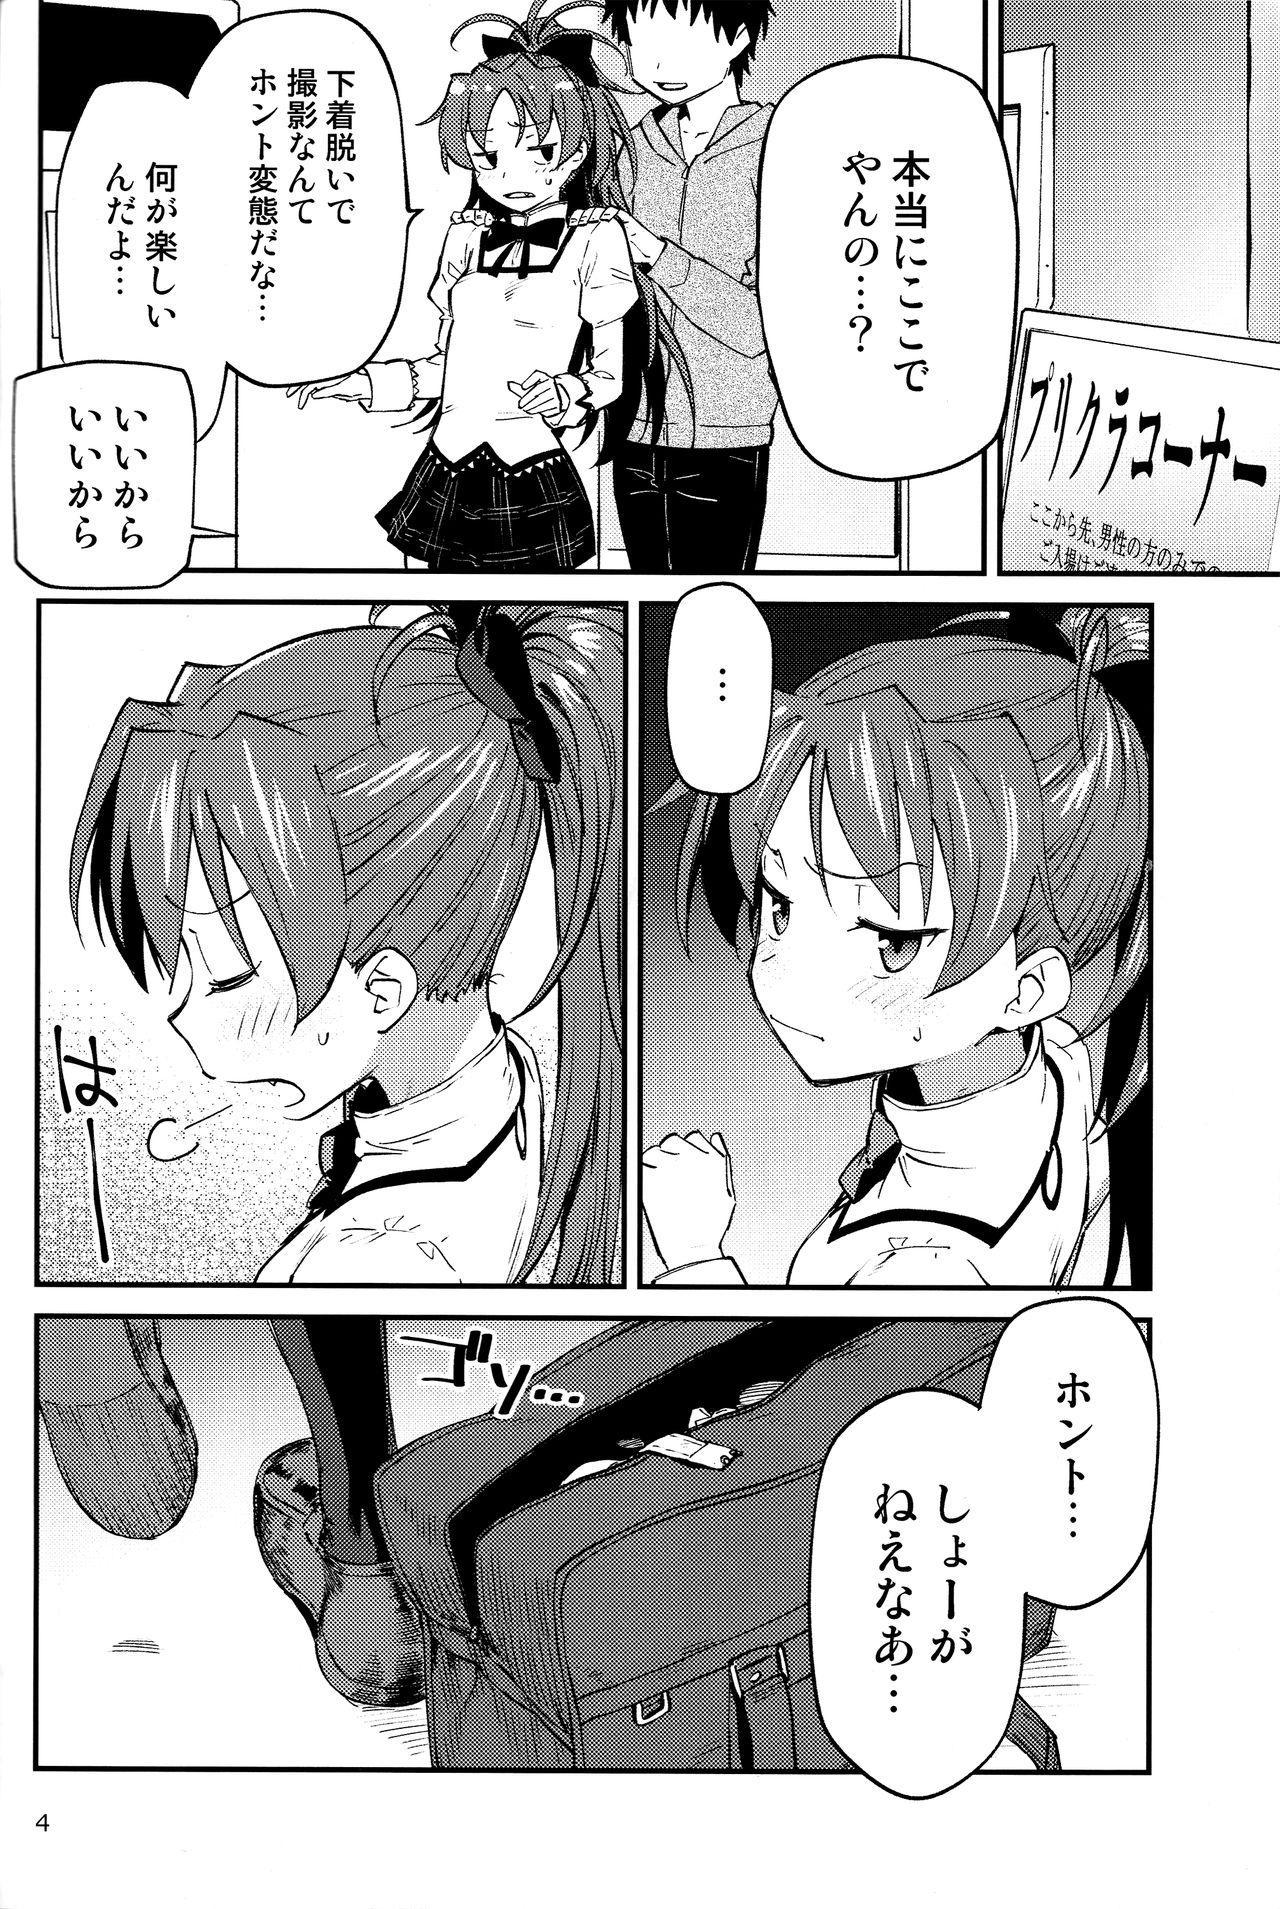 Kyouko to Are Suru Hon 2 2